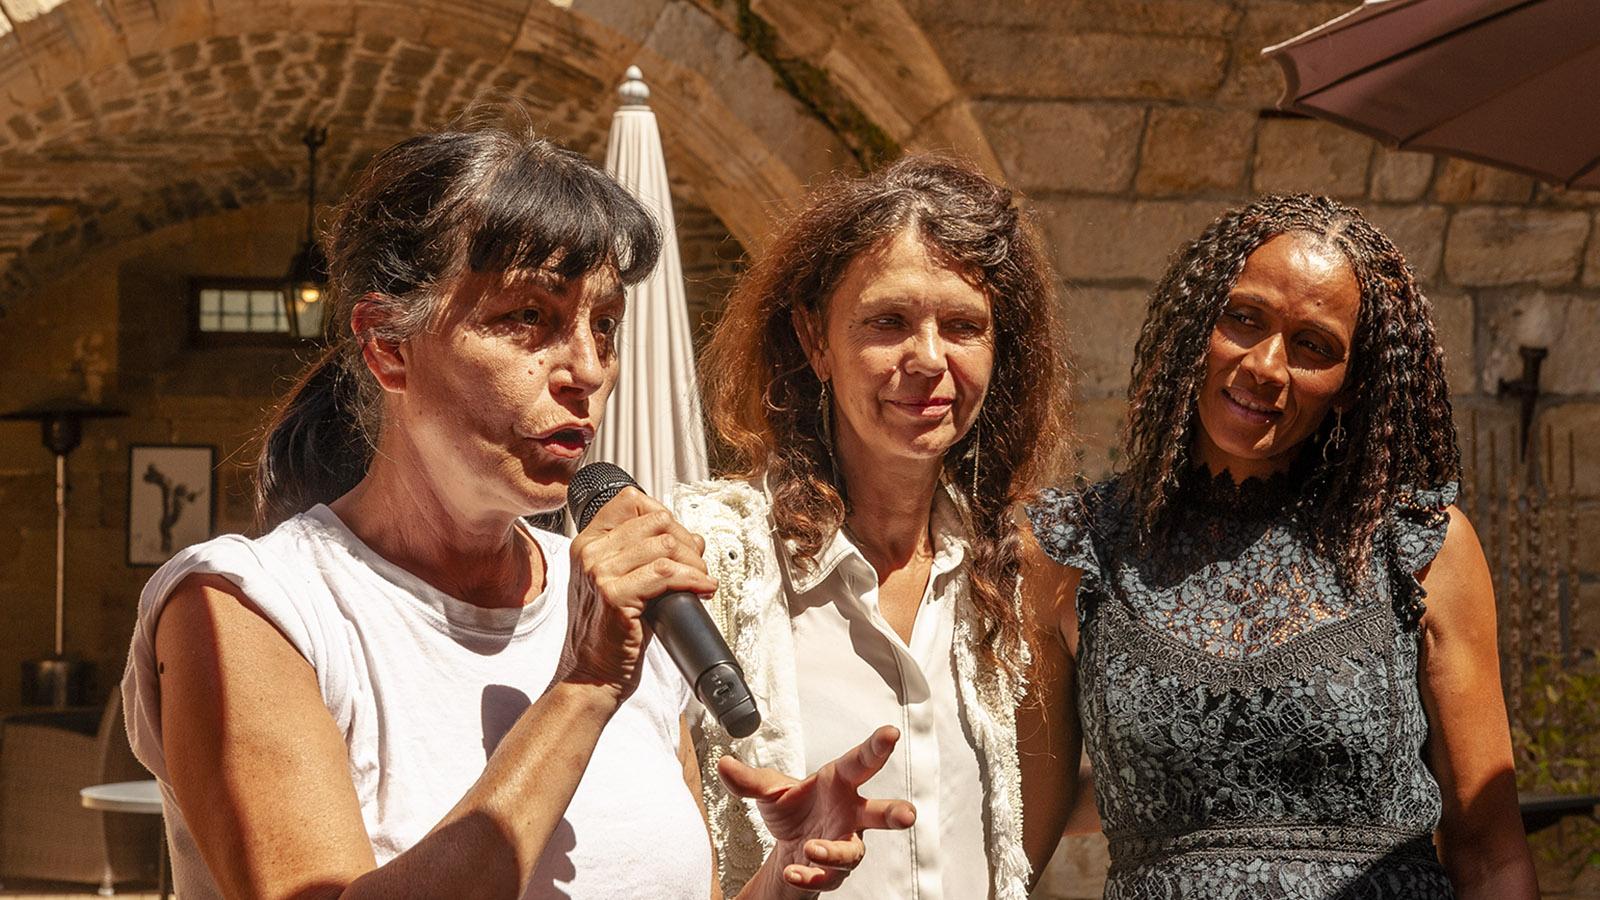 Festival du Film Insolite: Die Präsidentin der Jury, Lio, it Fanny Bastien udn einer Winzerin der Montagne Noire. Foto: Hilke Maunder